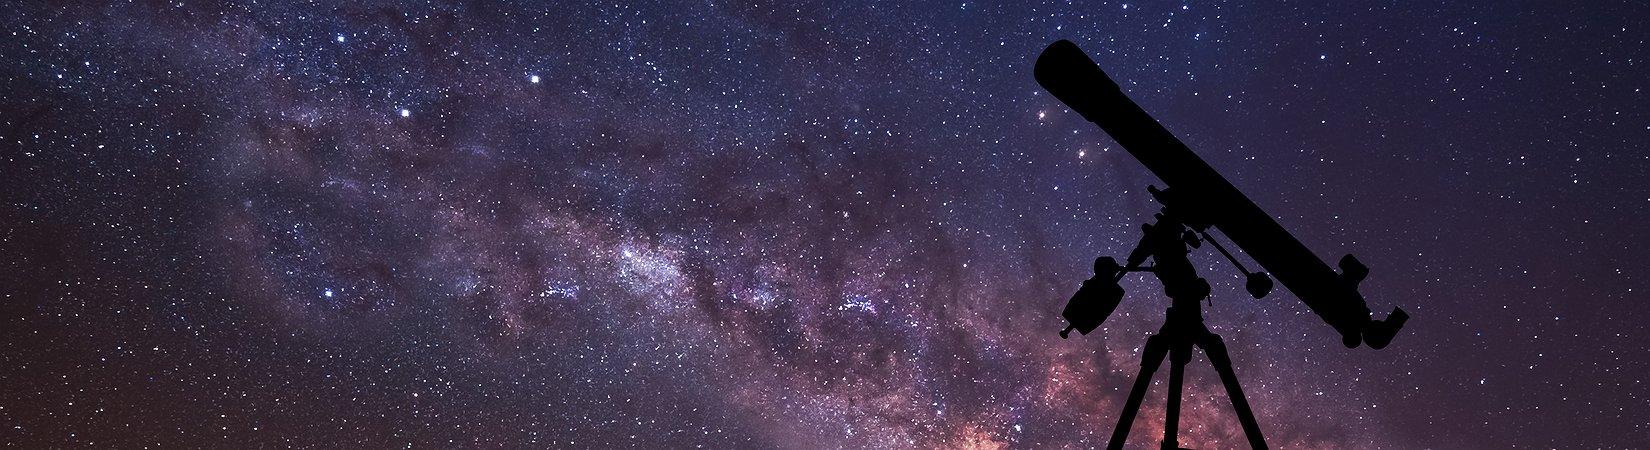 Как заработать миллиарды на освоении космоса